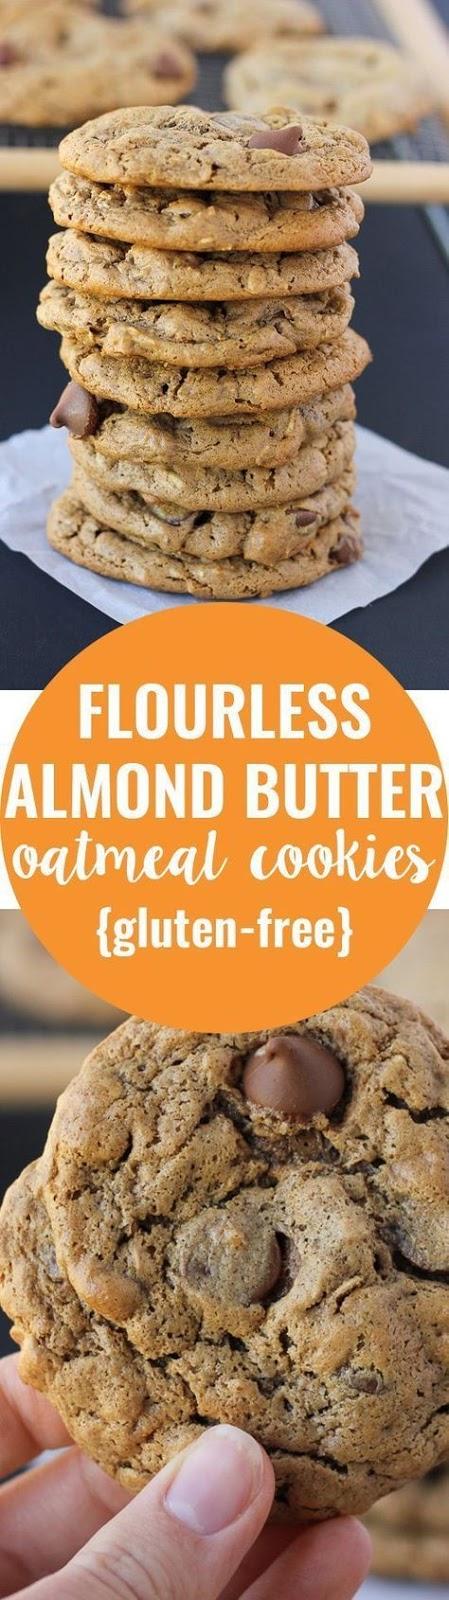 flourless oatmeal almond butter chocolate chip cookies {gluten-free}